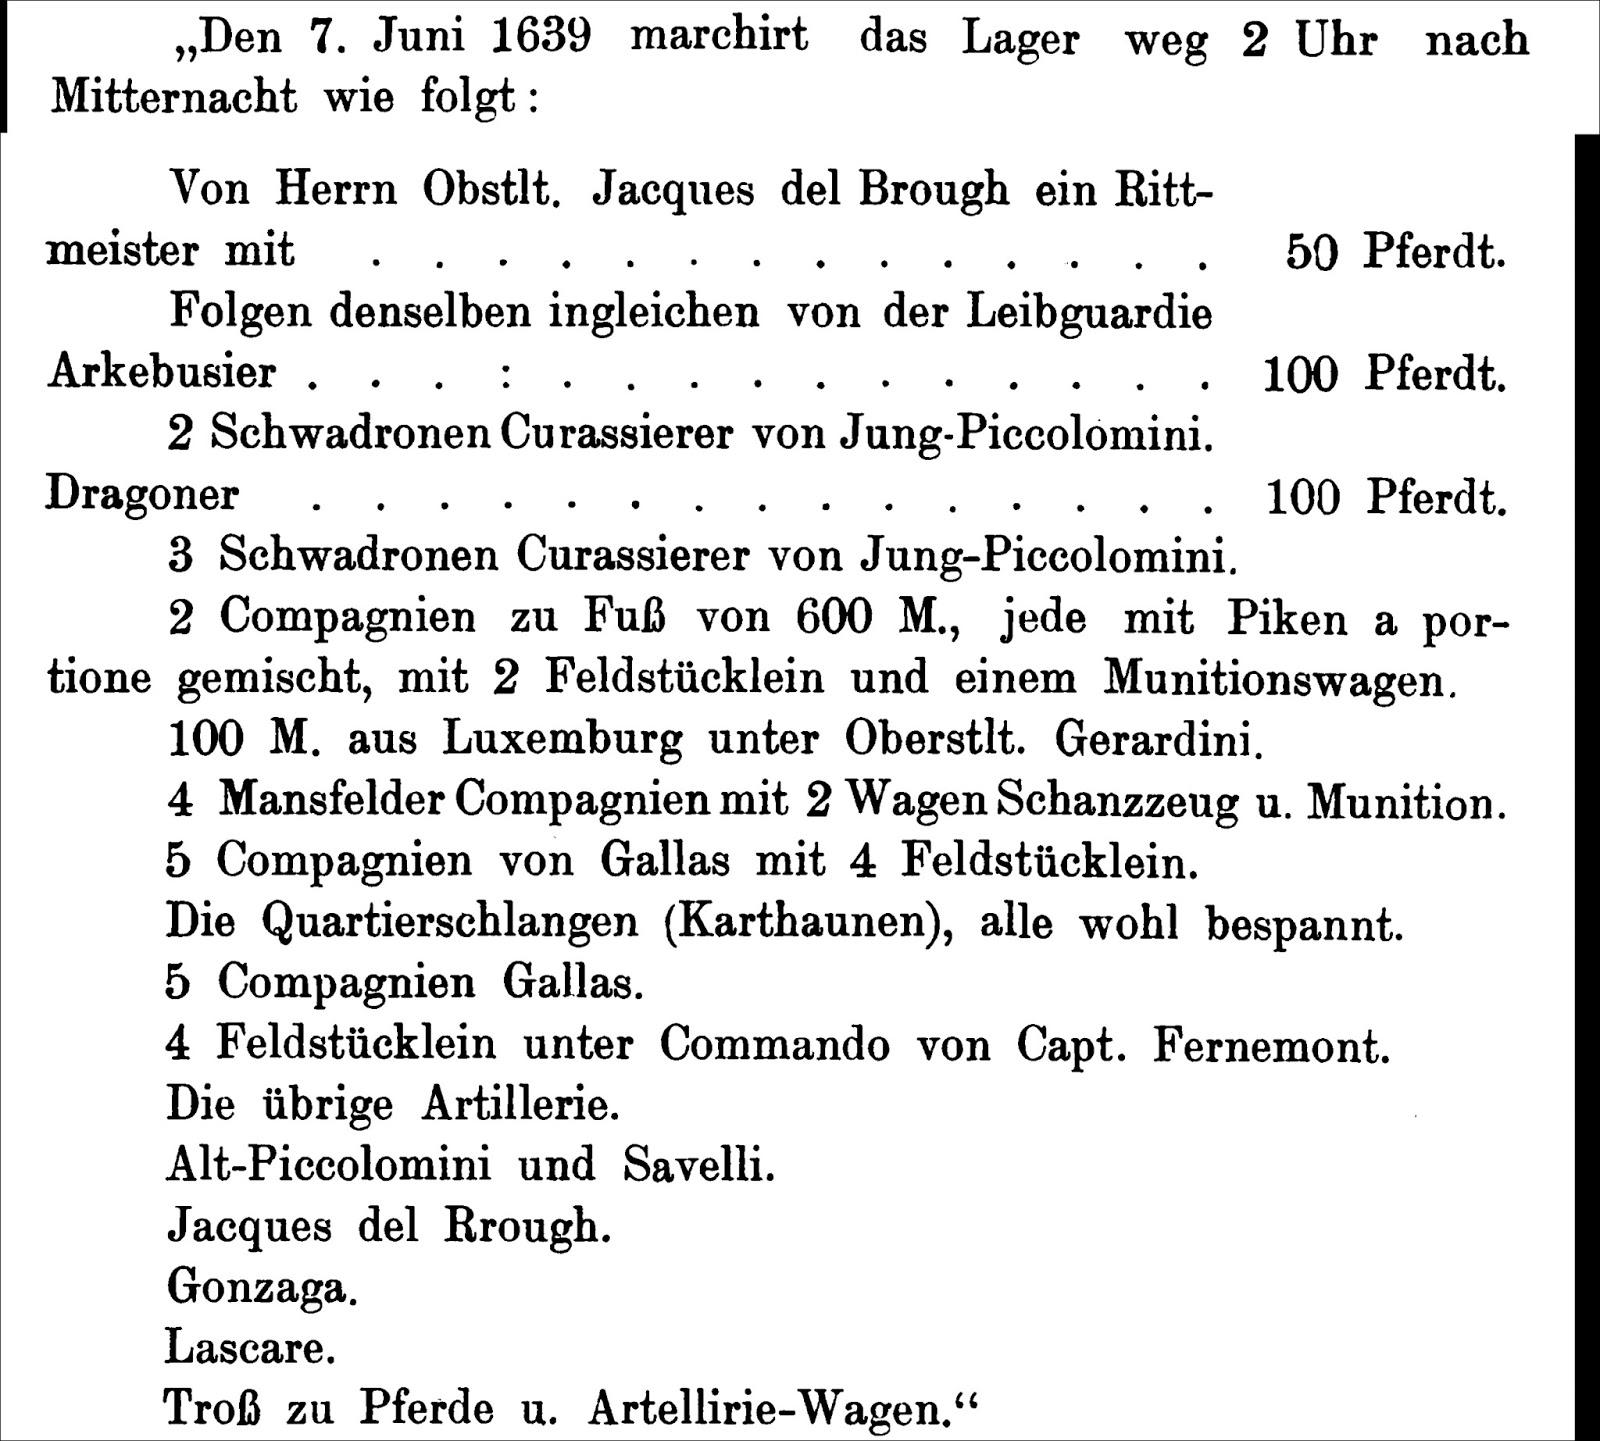 Thionville+1639+Piccolomini+March+Order.